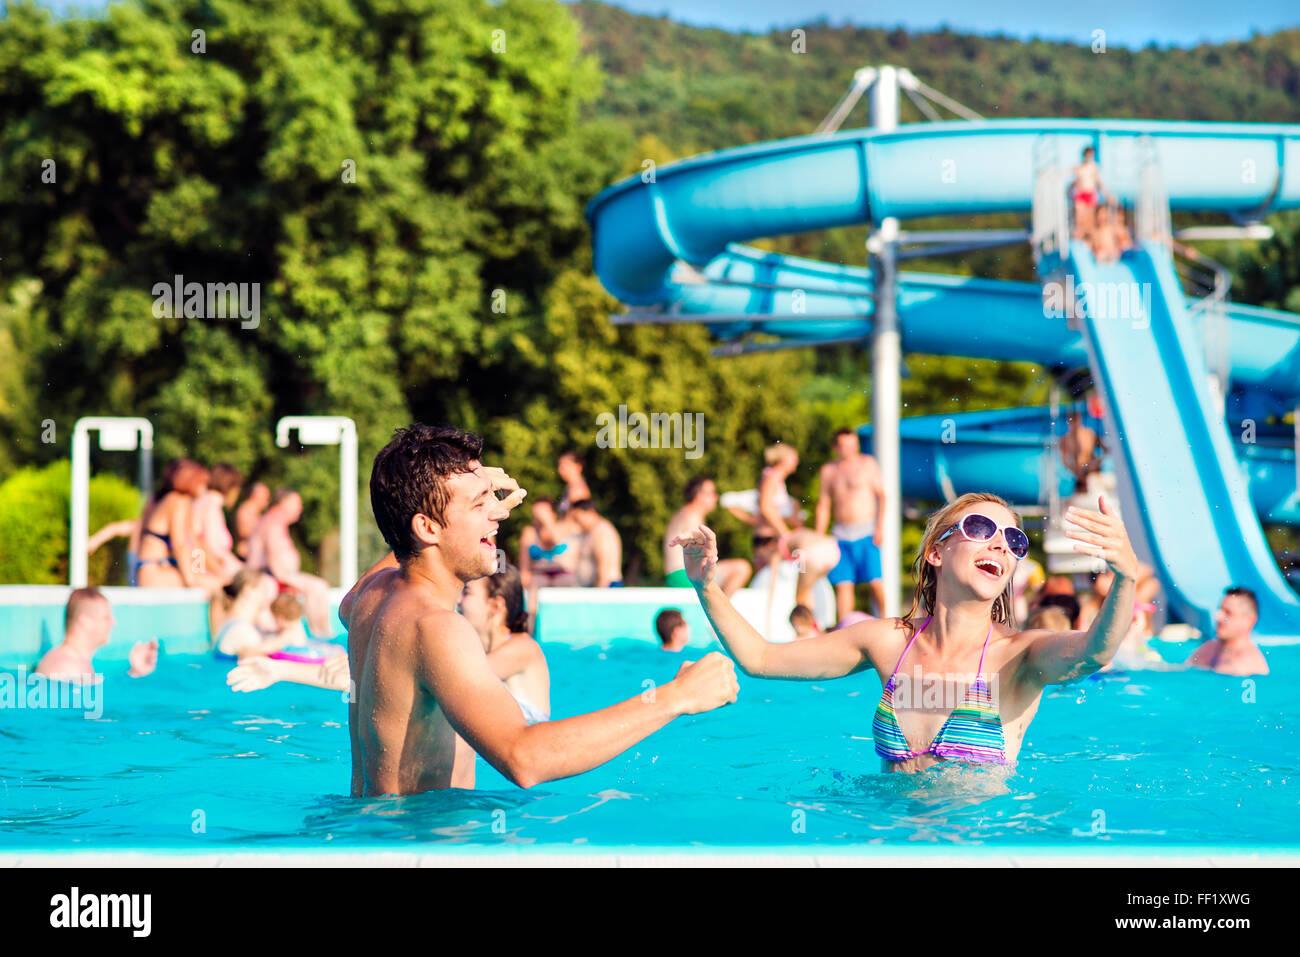 Jeune couple dans une piscine aux beaux jours. Faites glisser l'eau. Photo Stock